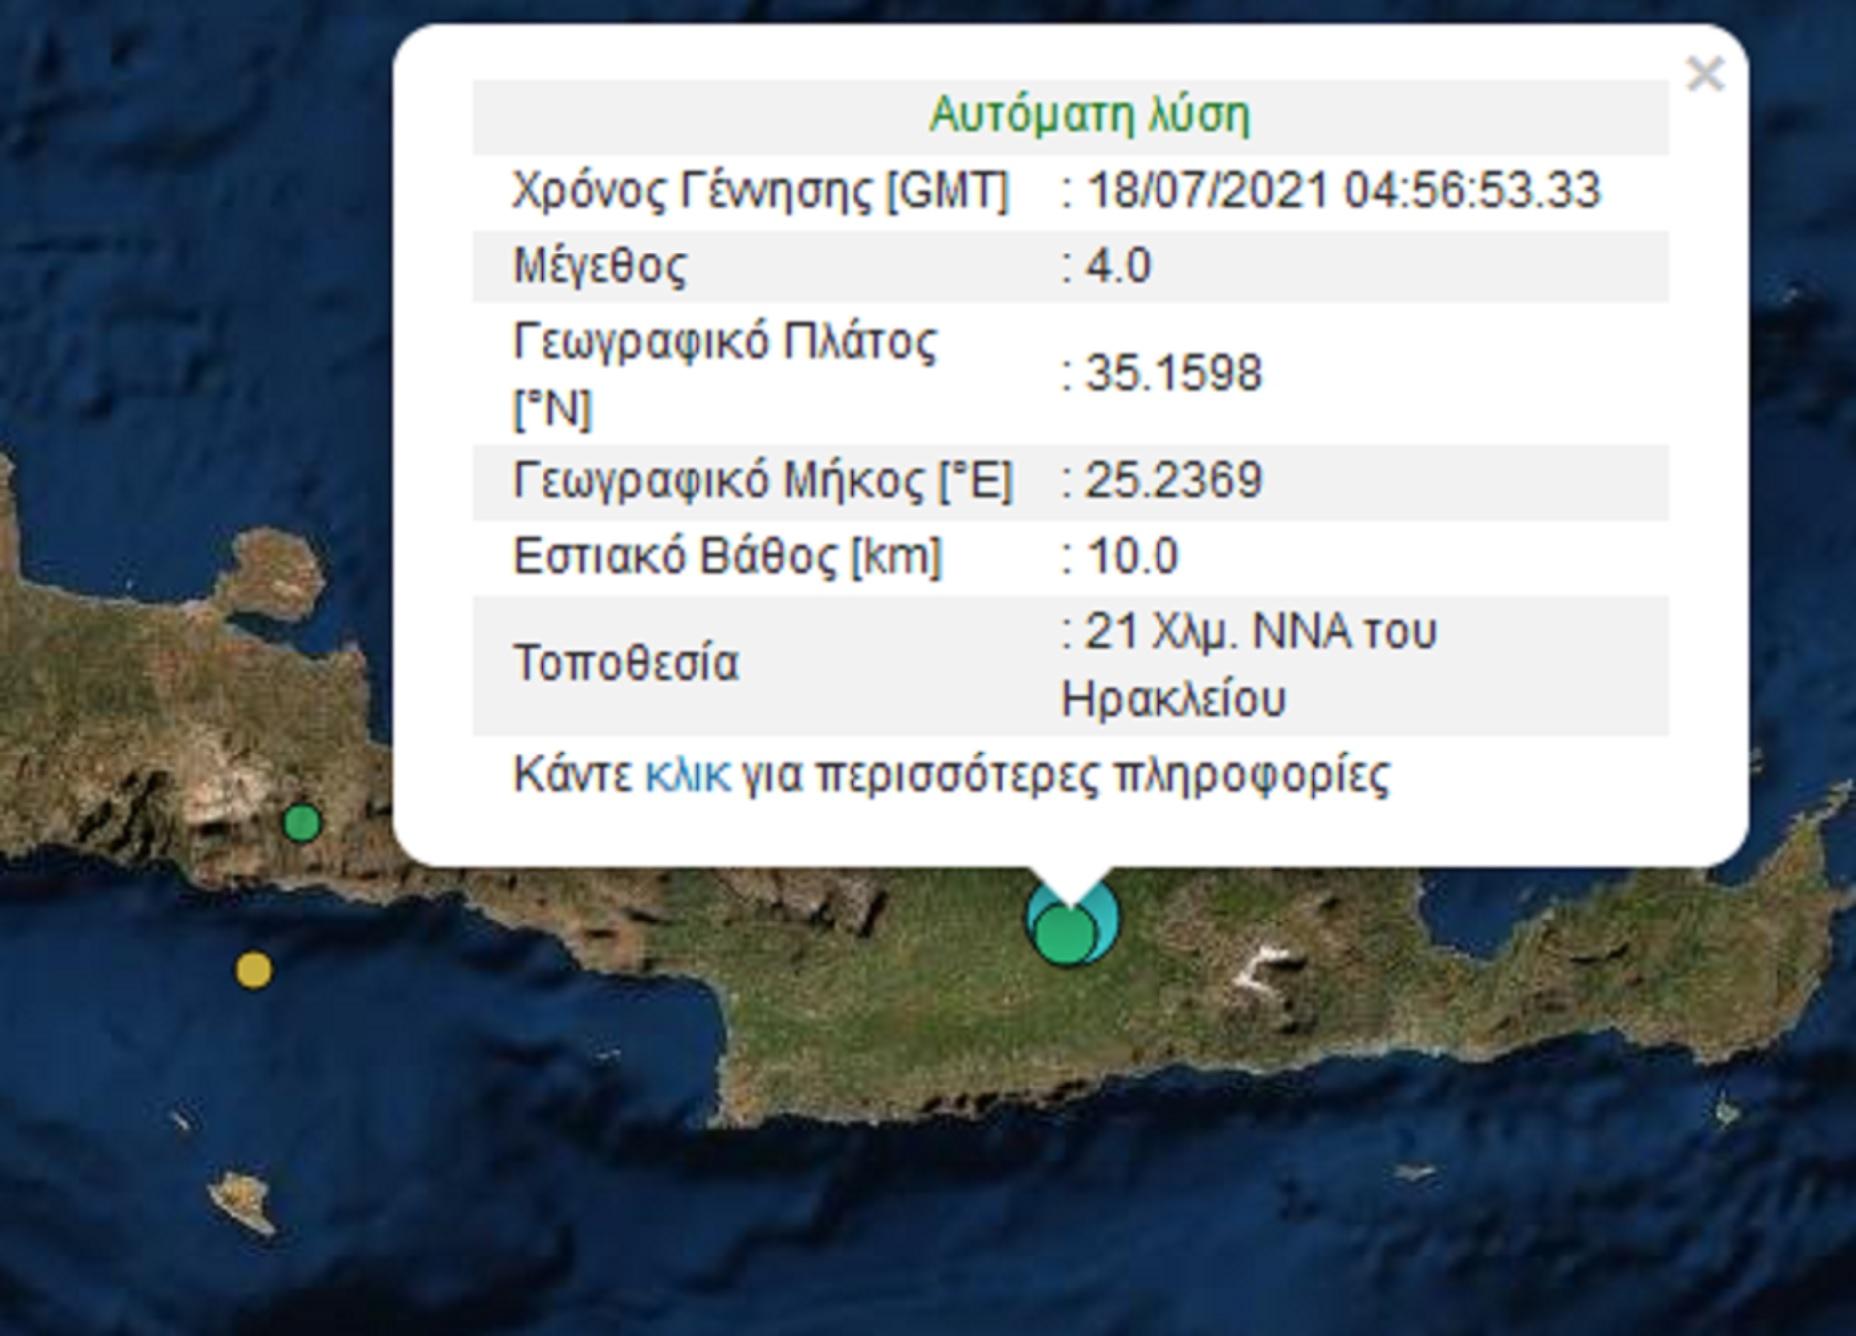 Σεισμός τώρα στο Ηράκλειο